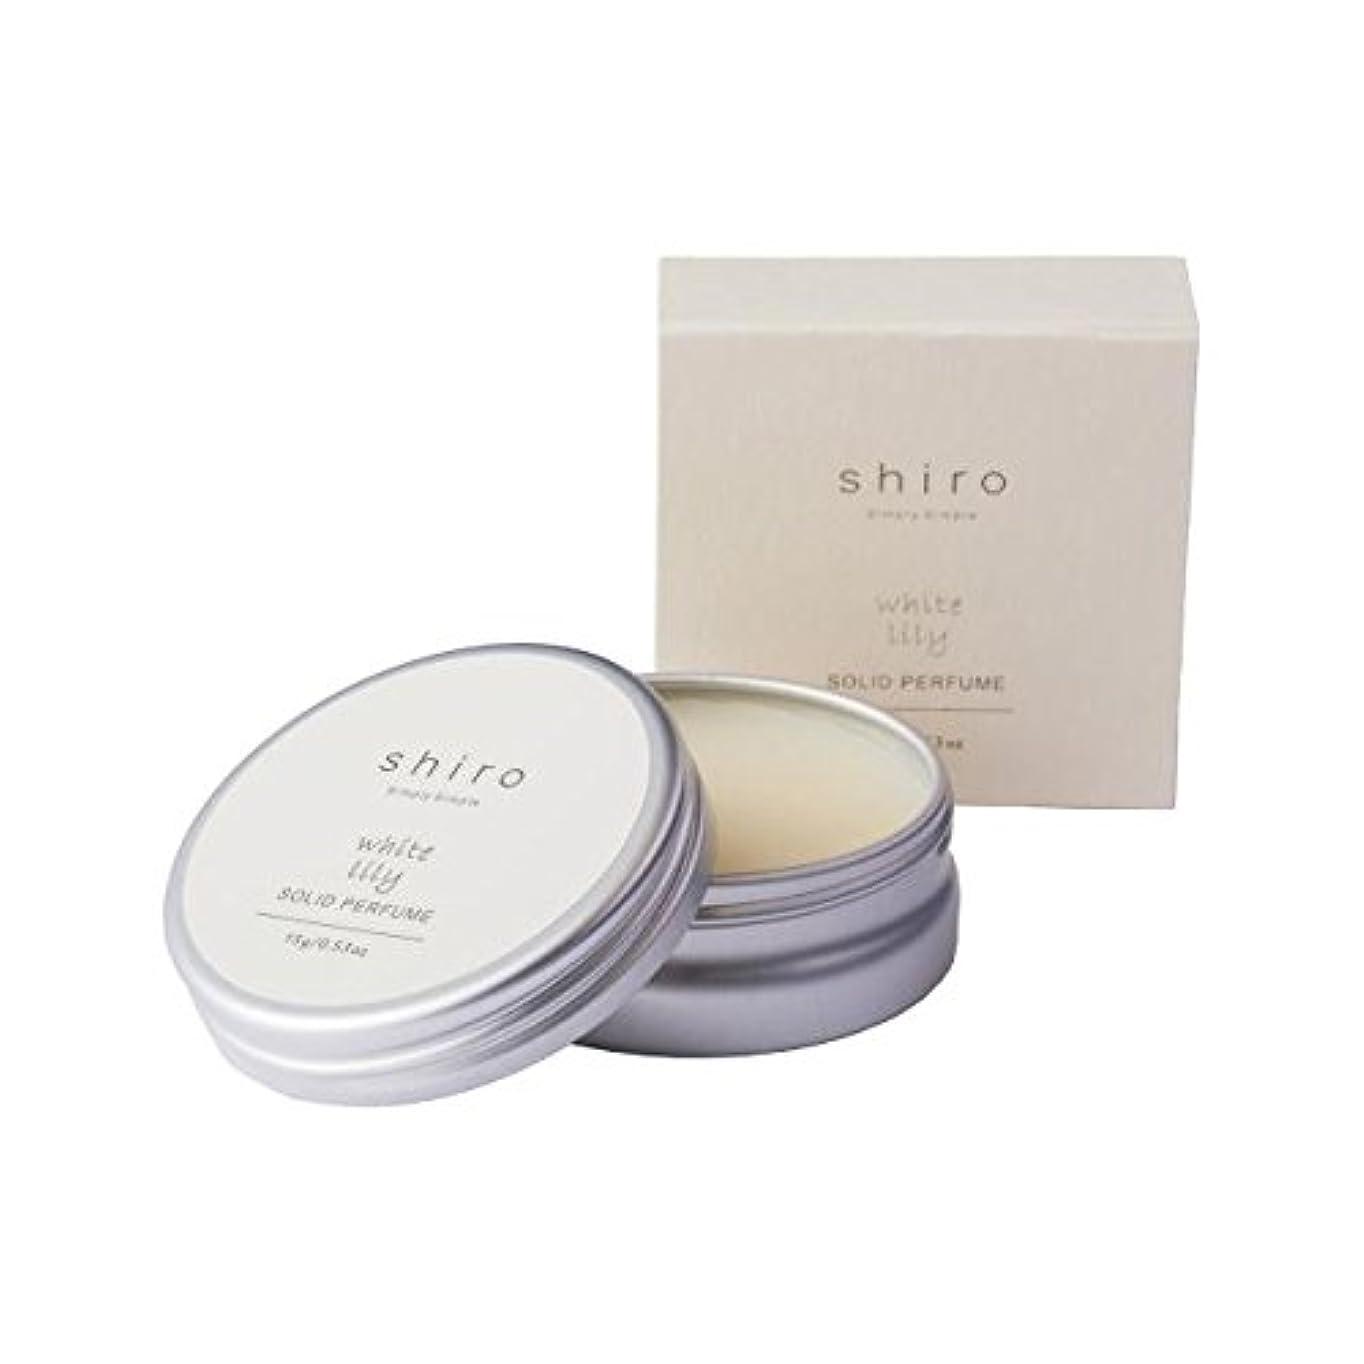 重要な血統気分が悪いshiro ホワイトリリー シャンプーのような香り すっきりと清潔感 練り香水 シロ 固形タイプ フレグランス 保湿成分 指先の保湿ケア